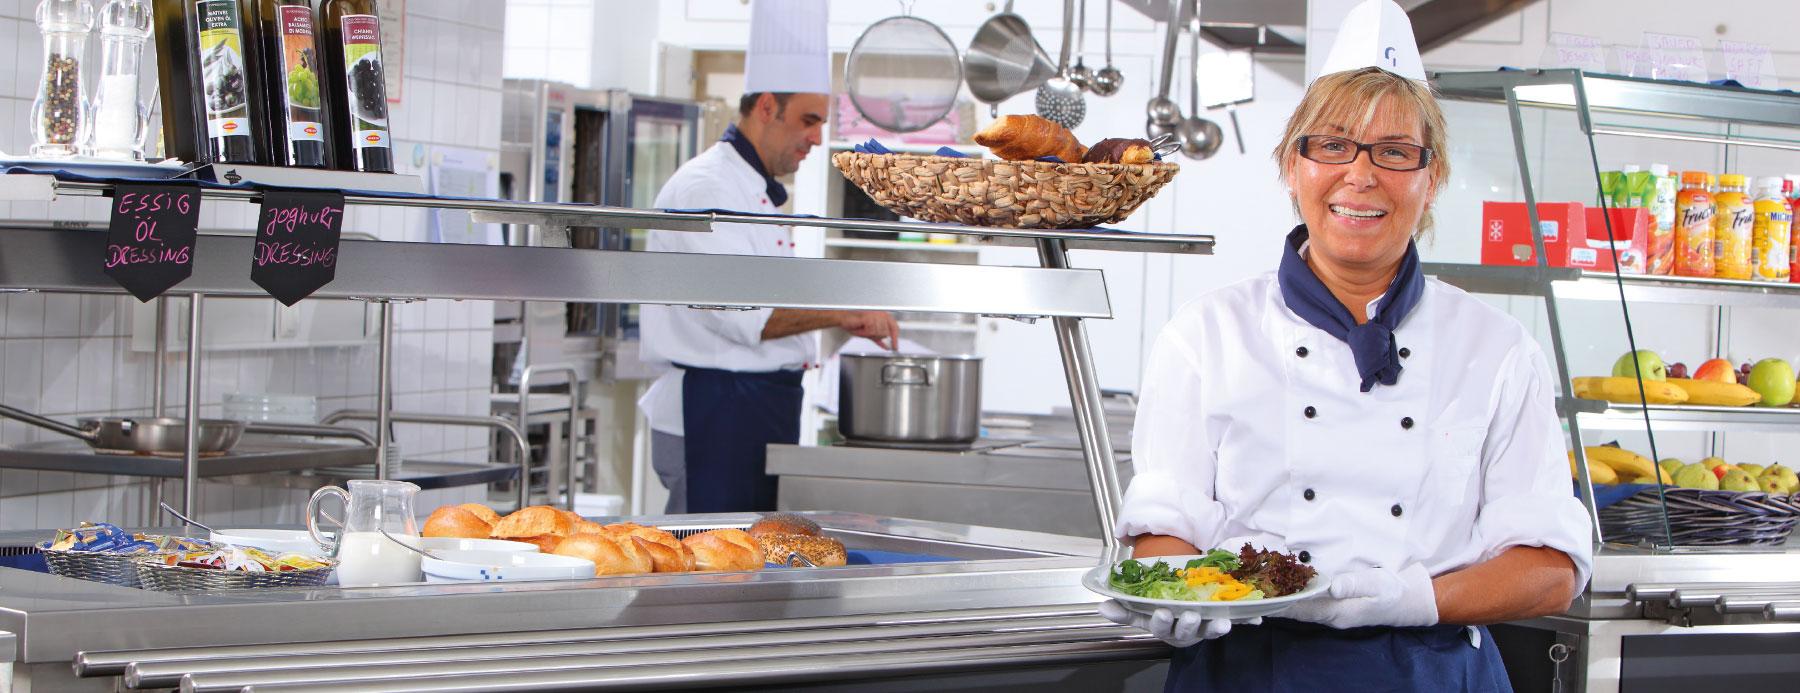 Küchenservice | ambiznes.com | {Küchenservice 4}